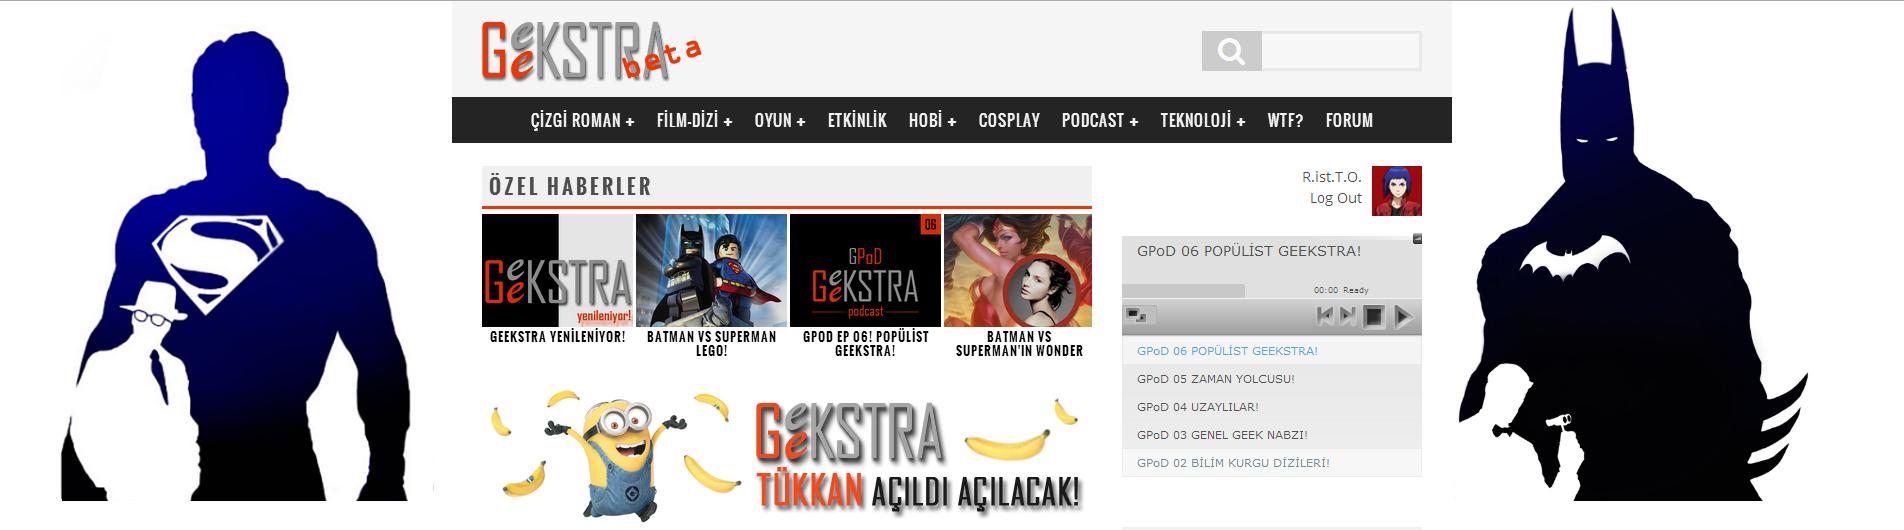 geekstra_new geek_01